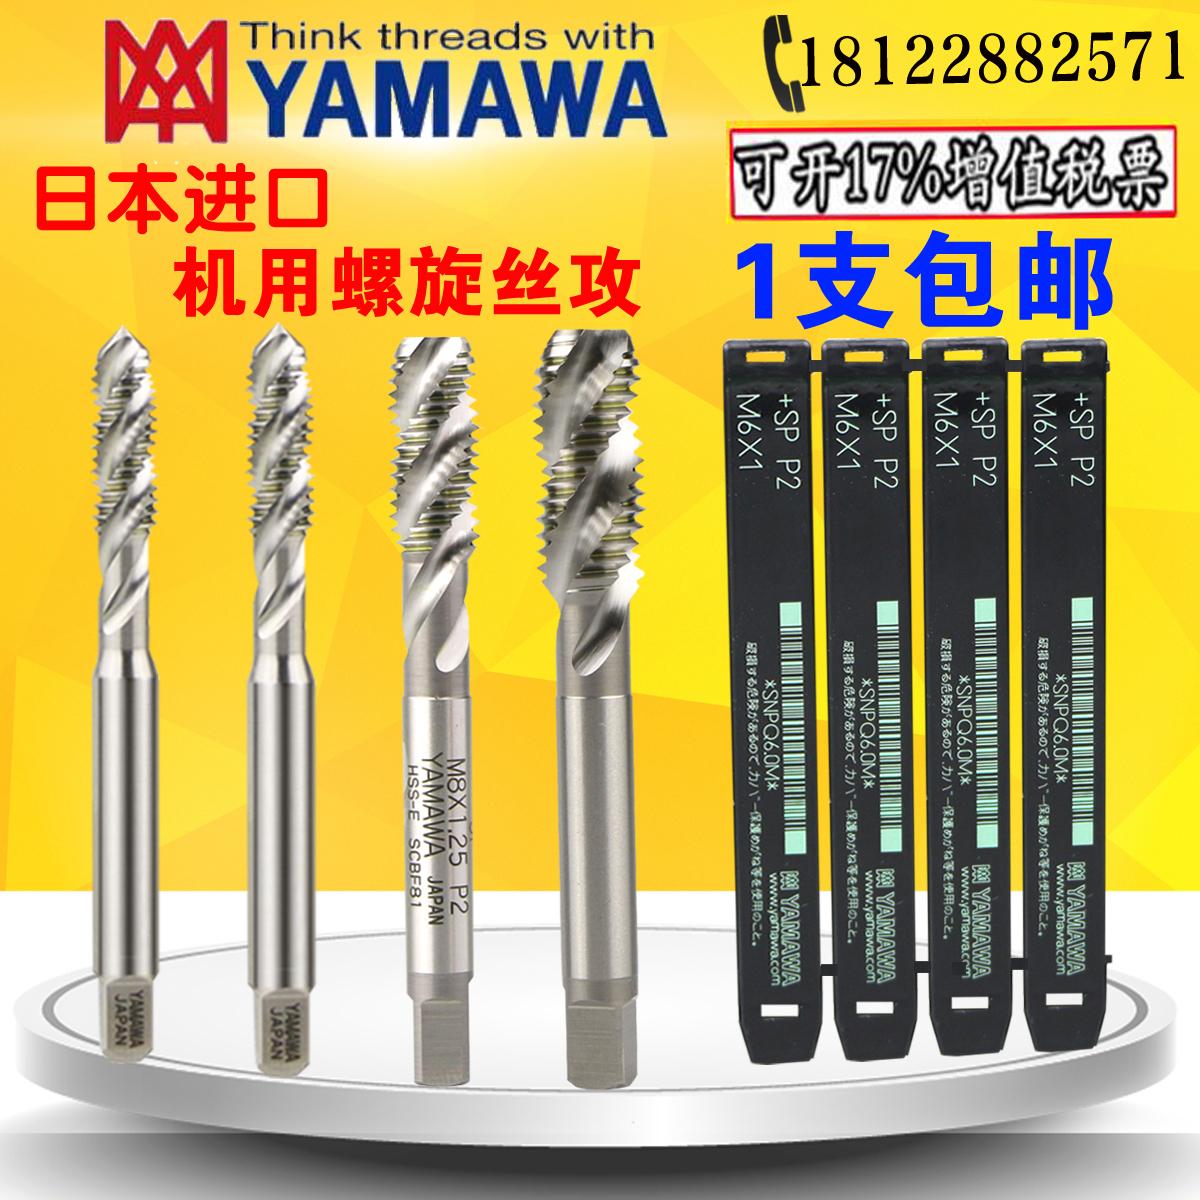 进口日本雅马哈YAMAWA螺旋丝攻丝锥M1M2M3M4M5M6M8M10M20机用丝锥